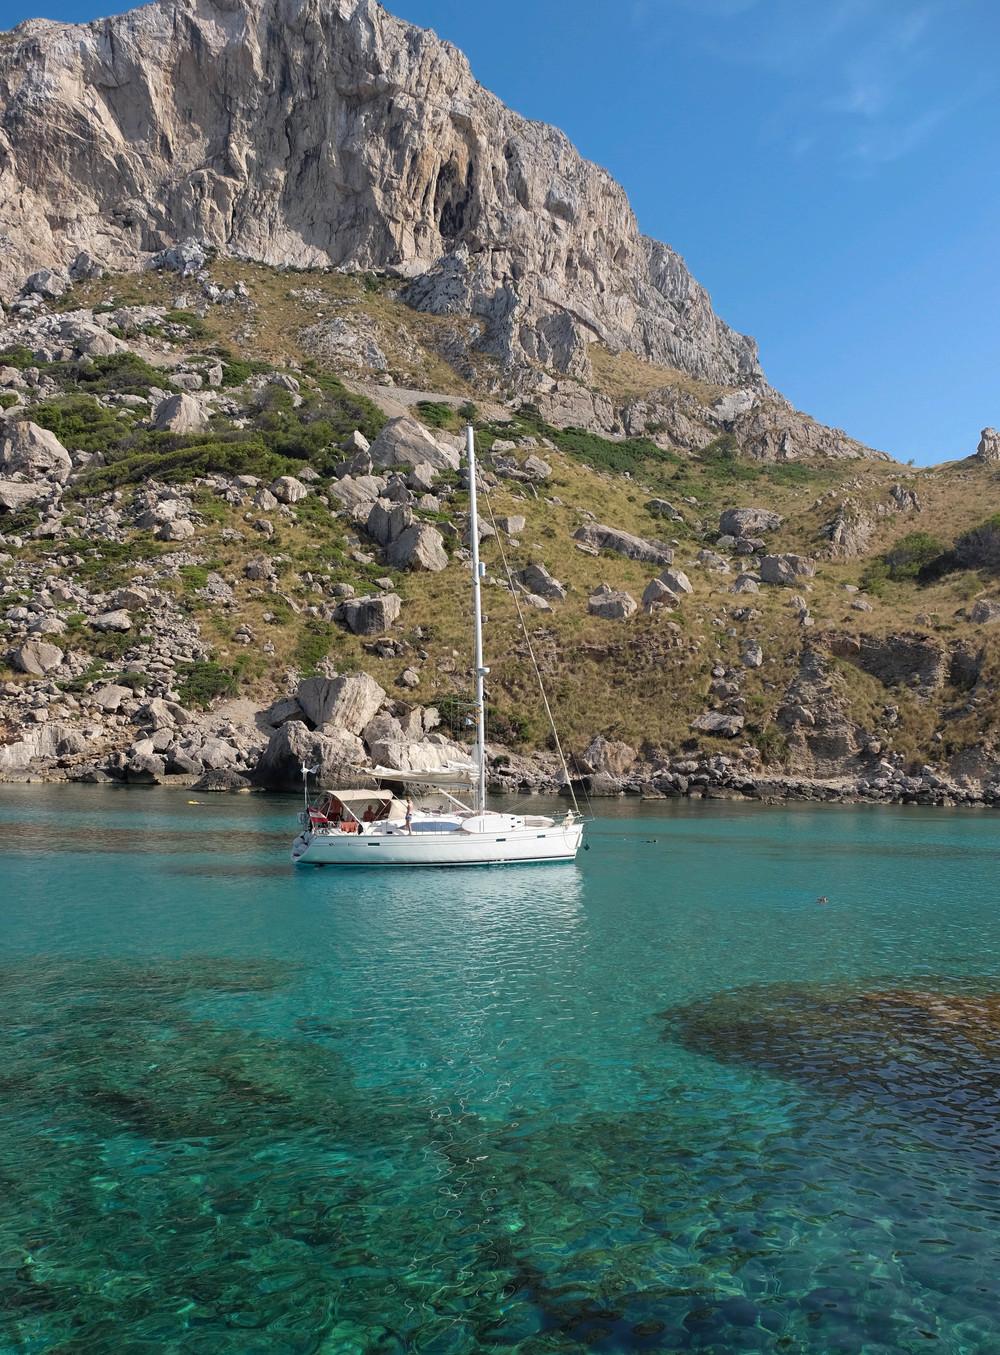 LaurenSchwaiger-Travel-Blog-Mallorca-Spain-Formentor-Beach.jpg